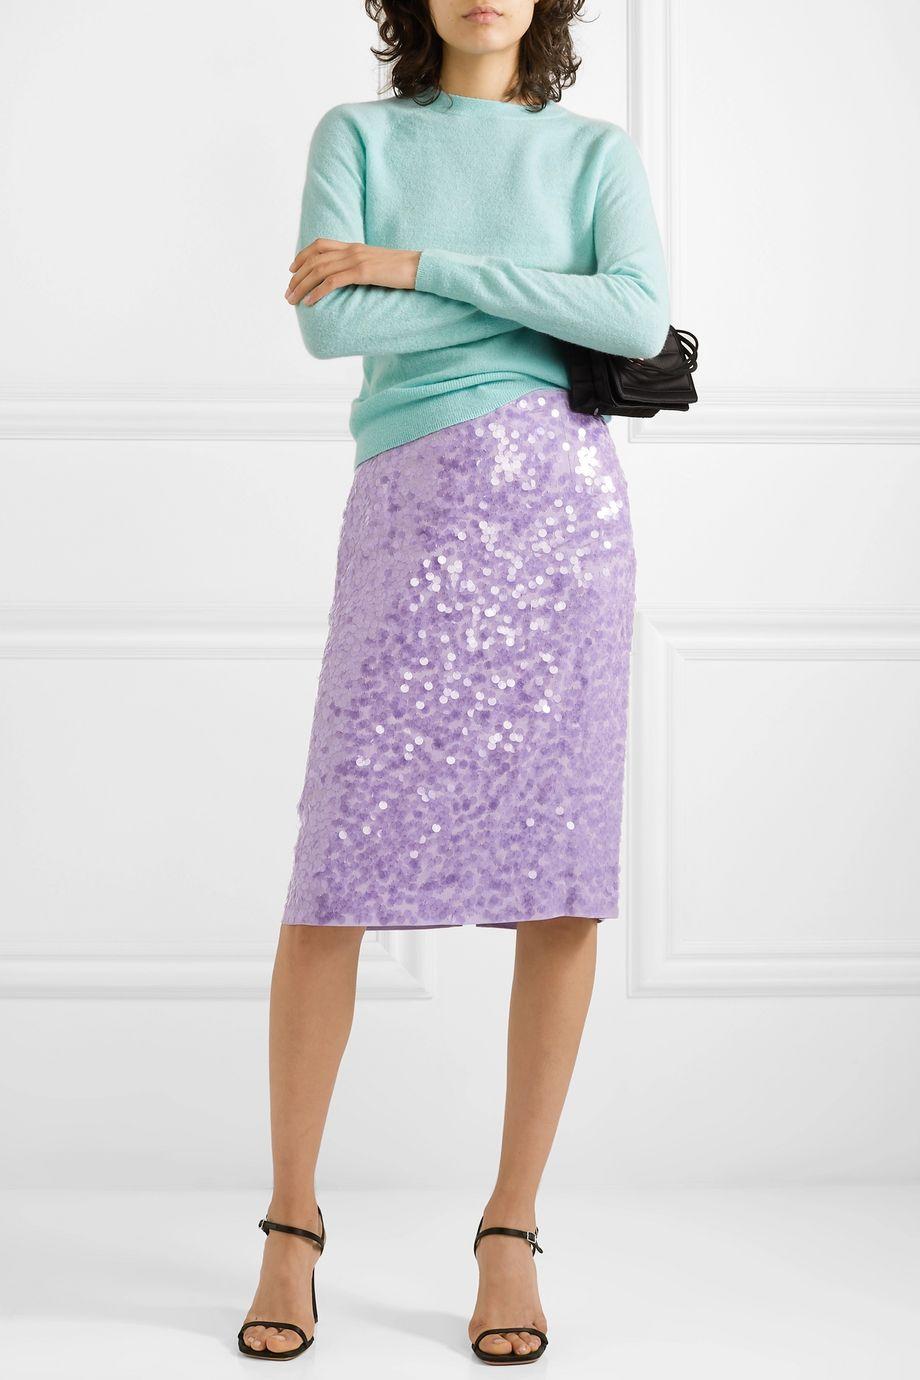 Dries Van Noten Sequined crepe skirt